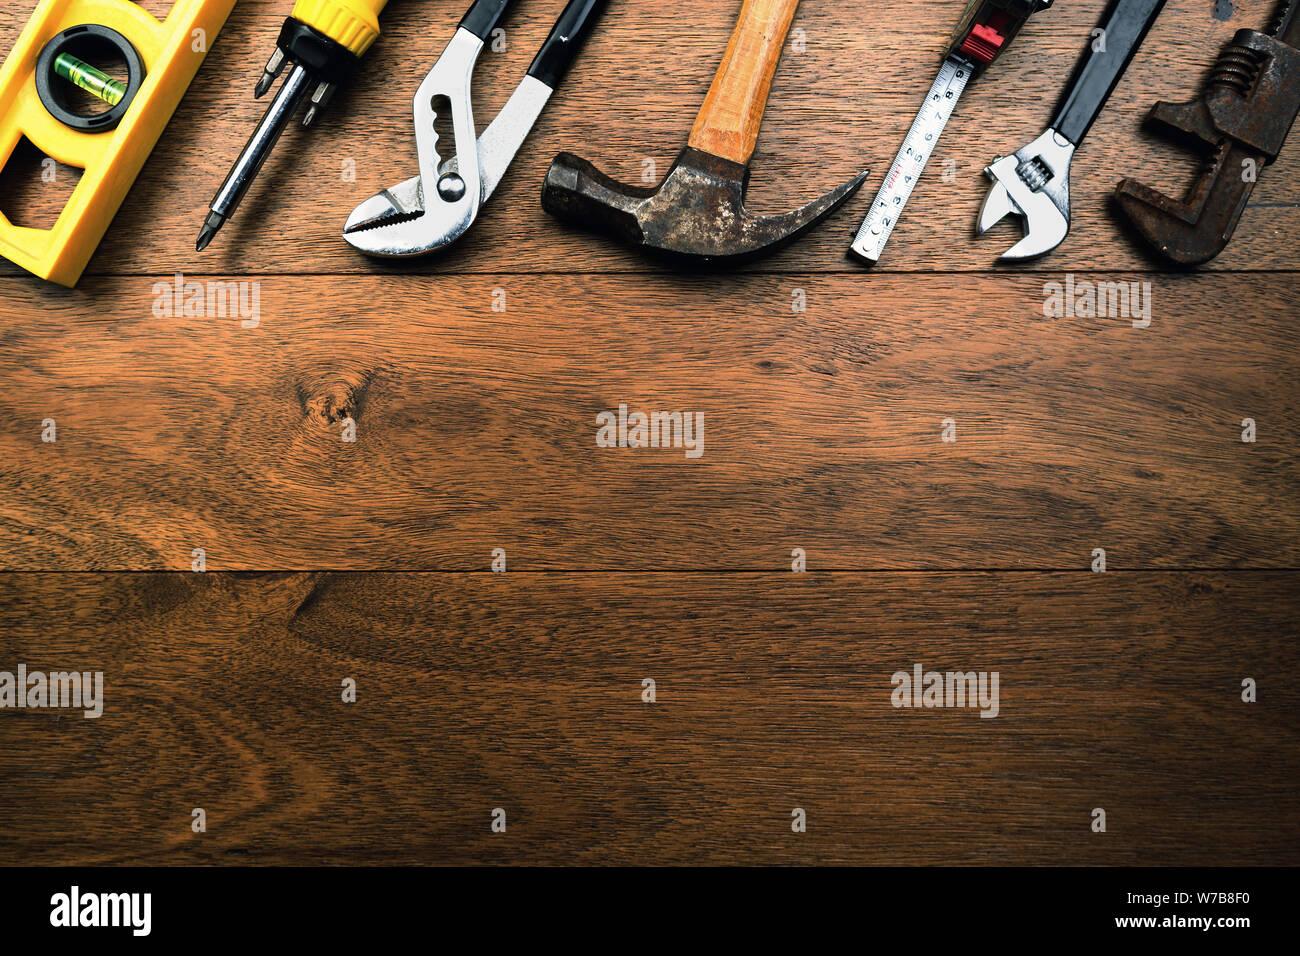 Sucio rusty artesanos herramientas como la escala de agua, alicates, destornillador, Martillo y cinta de medir sobre tablones de madera con espacio para la escritura Foto de stock